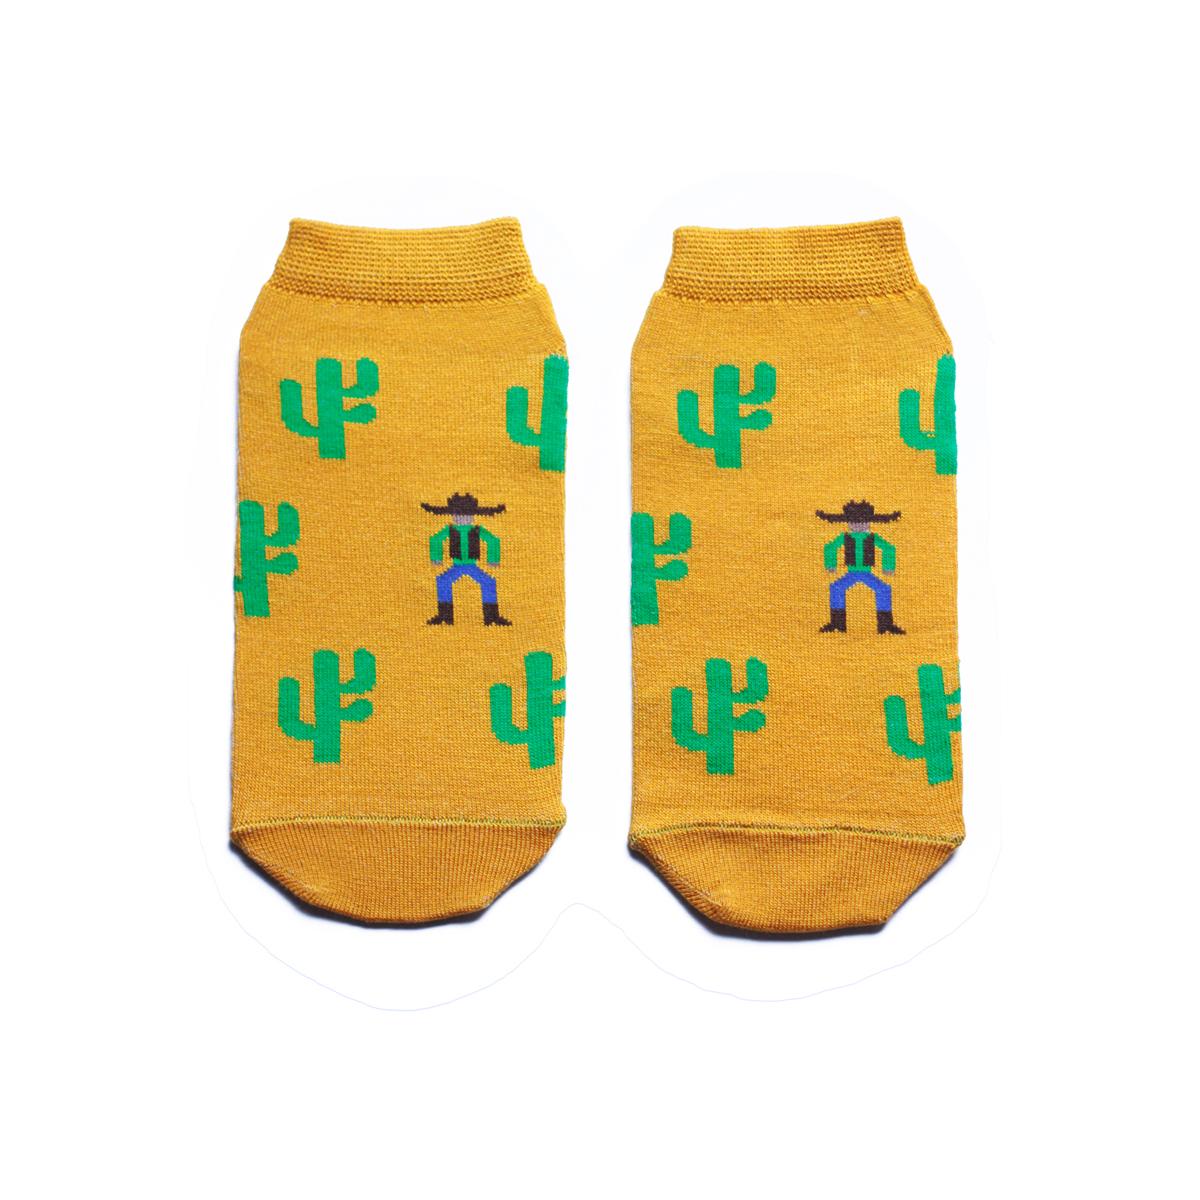 Носки мужские Big Bang Socks, цвет: горчичный, зеленый. s2132. Размер 40/44s2132Укороченные мужские носки Big Bang Socks изготовлены из высококачественного хлопка с добавлением полиамидных и эластановых волокон, которые обеспечивают великолепную посадку. Носки отличаются ярким стильным дизайном, они оформлены изображением кактусов и ковбоев. Удобная резинка идеально облегает ногу и не пережимает сосуды, а усиленные пятка и мысок повышают износоустойчивость носка. Дизайнерские носки Big Bang Socks - яркая деталь в вашем образе и оригинальный подарок для друзей и близких.